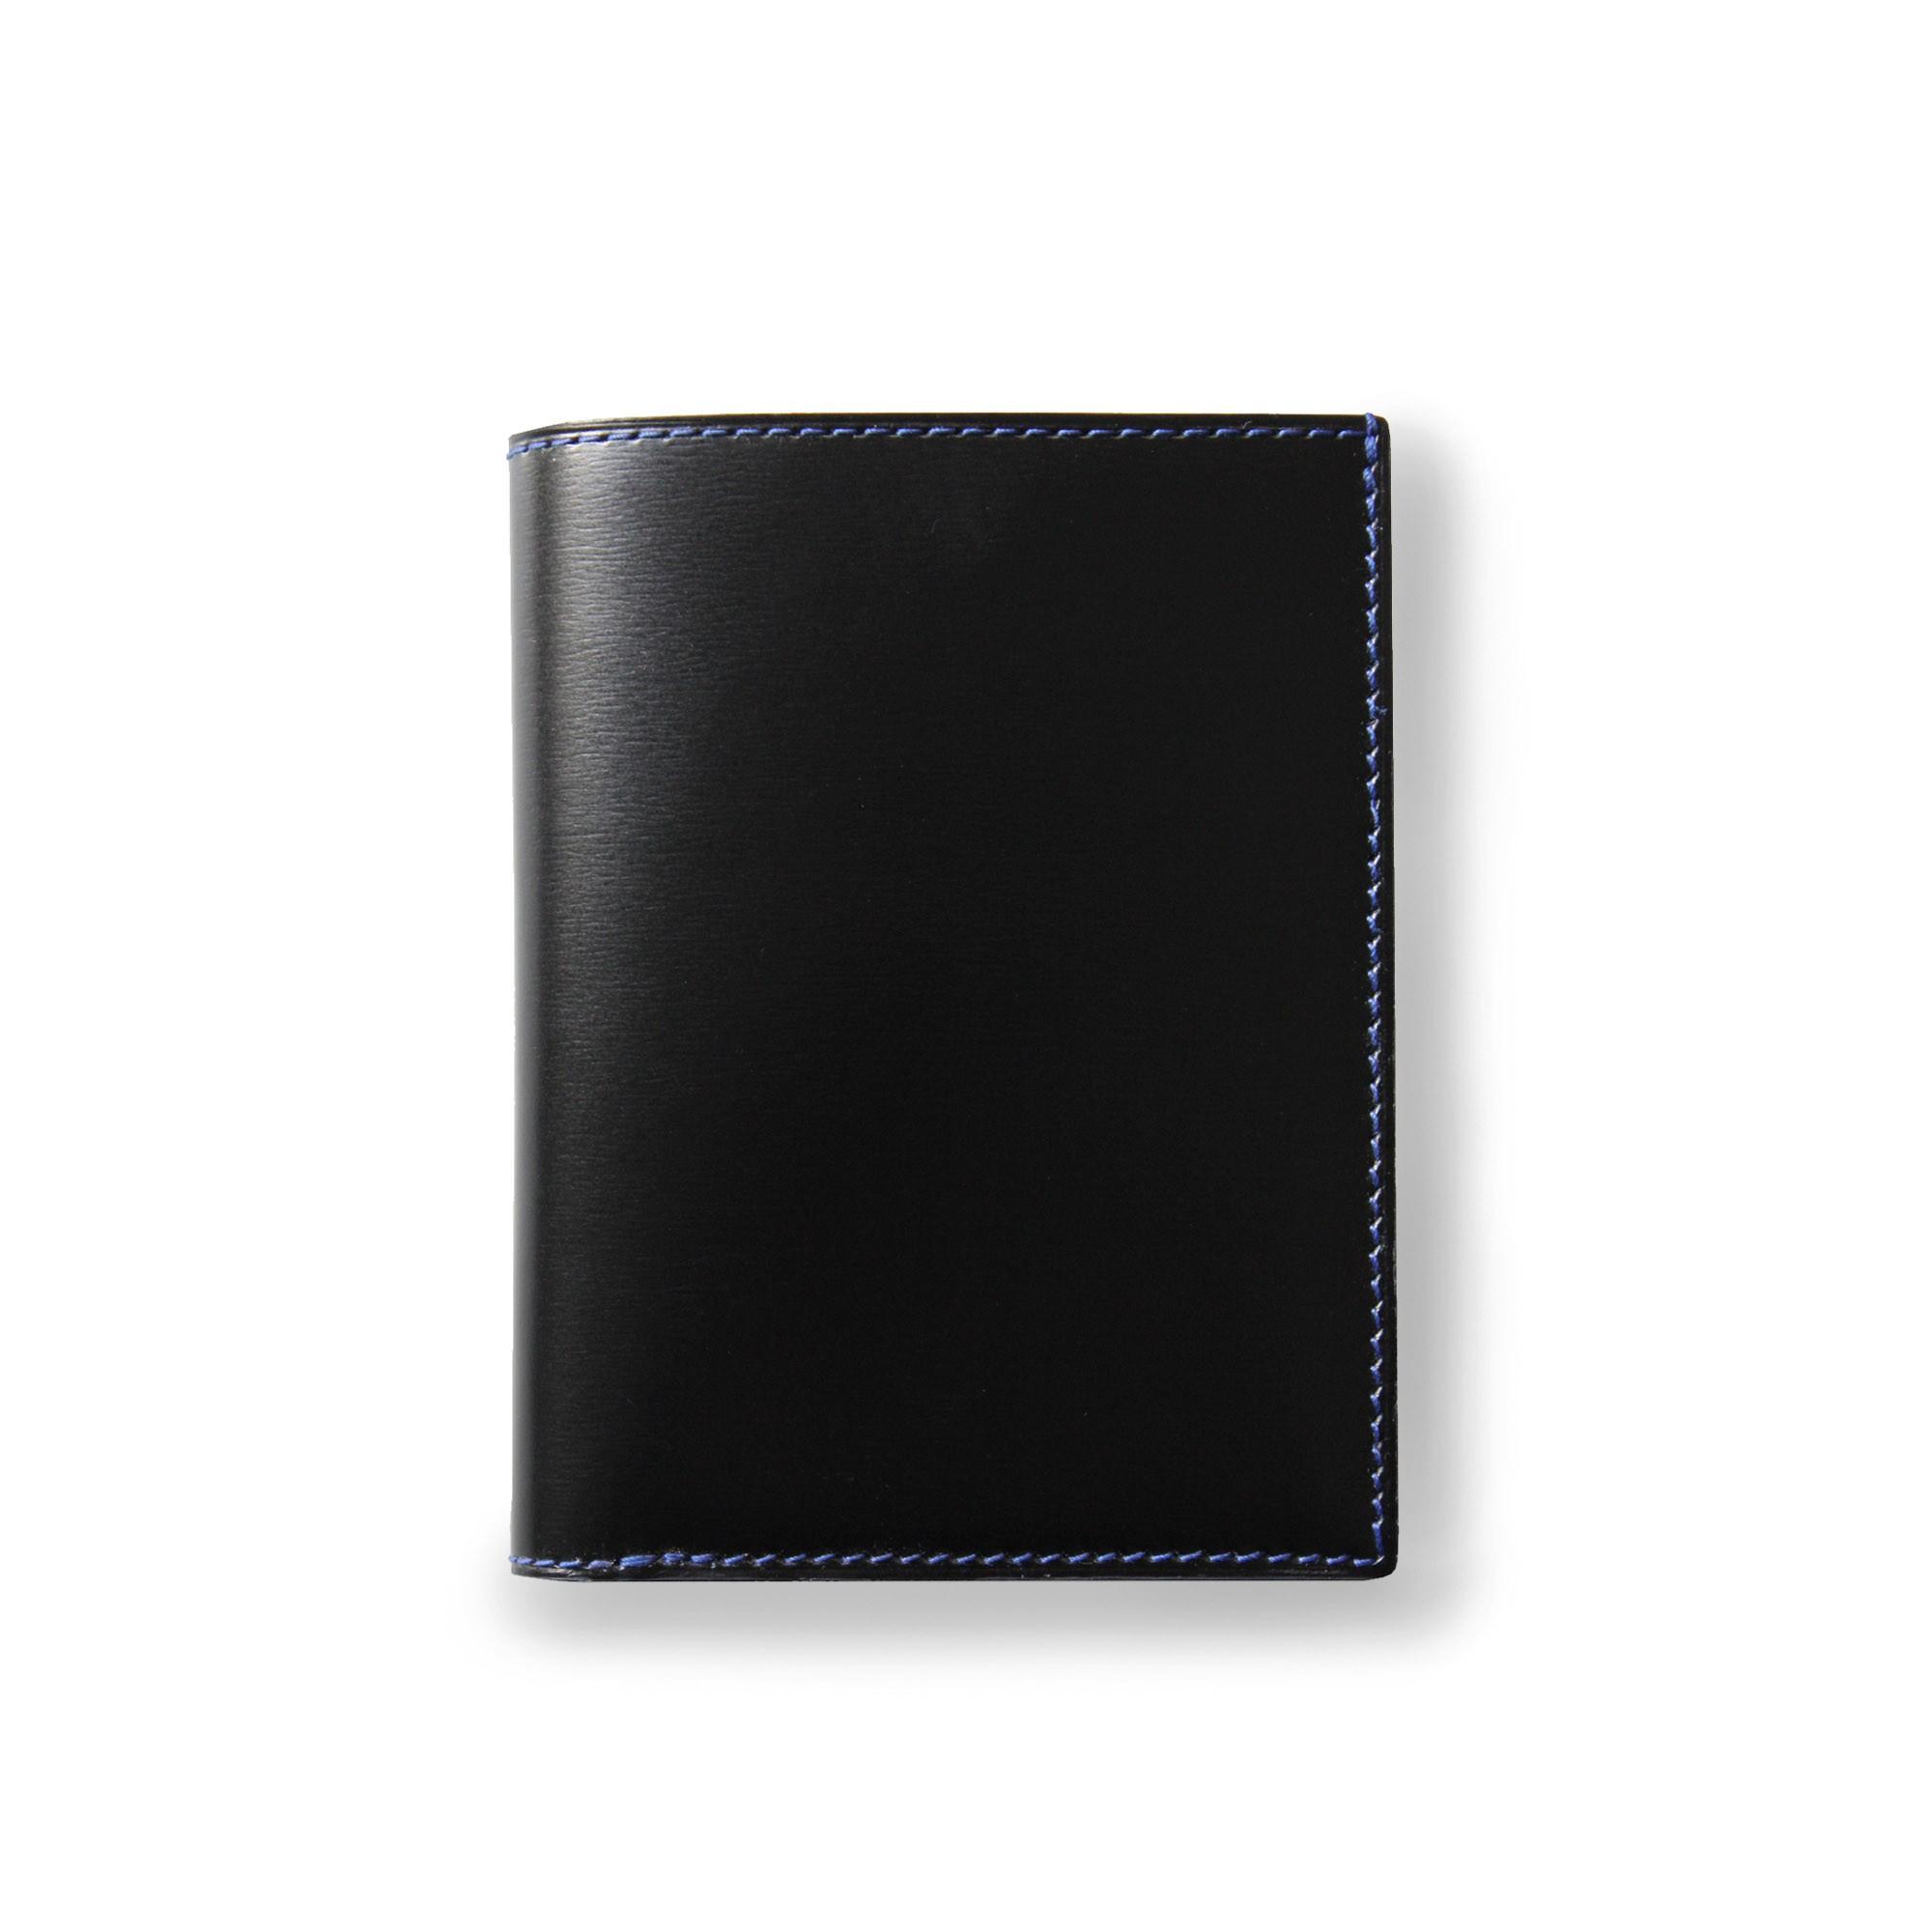 """porte-cartes et pièce d'identité """"VENDÔME"""" en cuir noir, finition box doublé de veau lisse, coloris bleu Roi - vue fermé"""